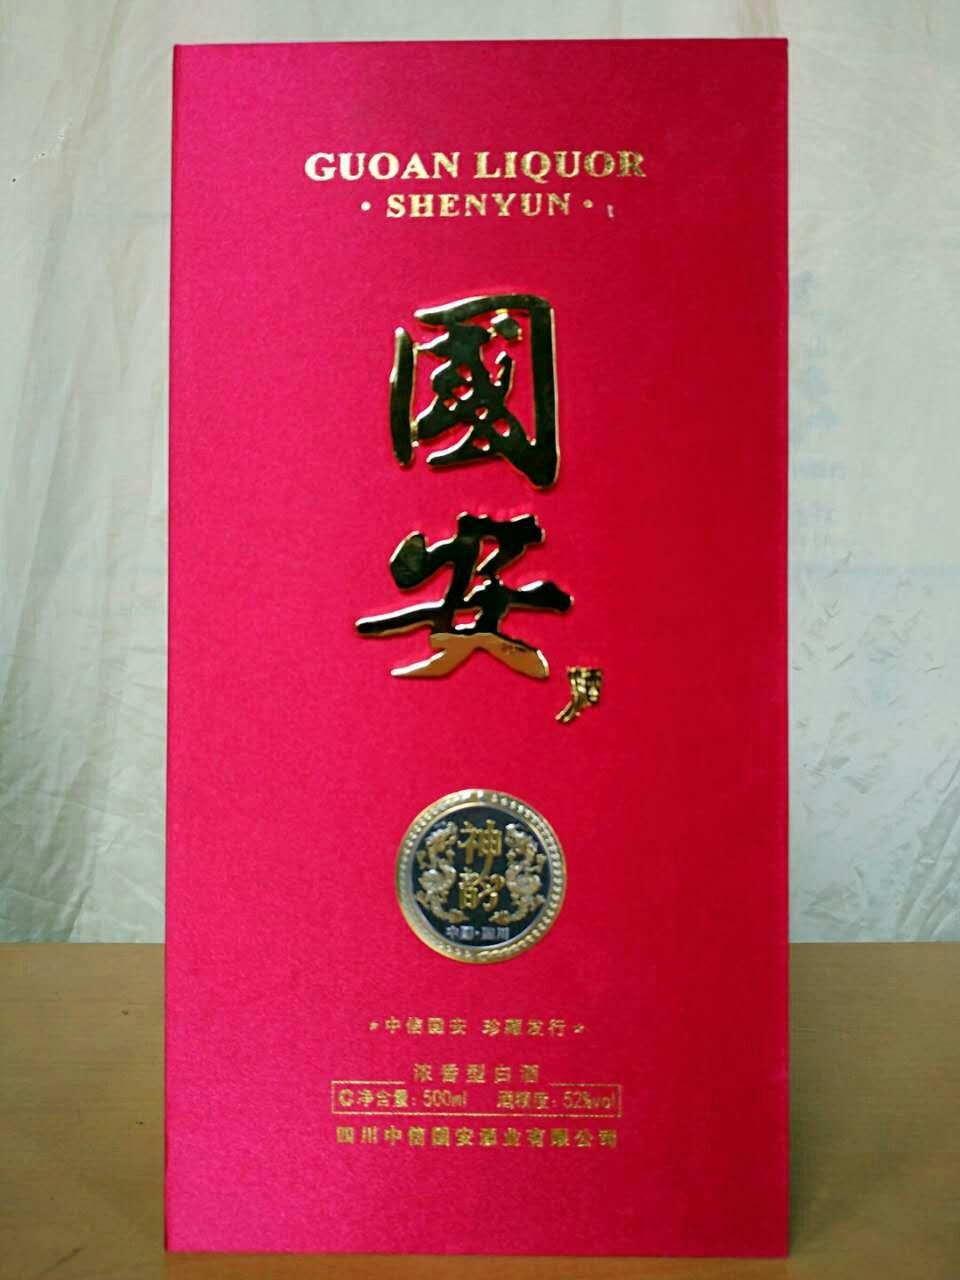 珠海专业酒业网在线咨询